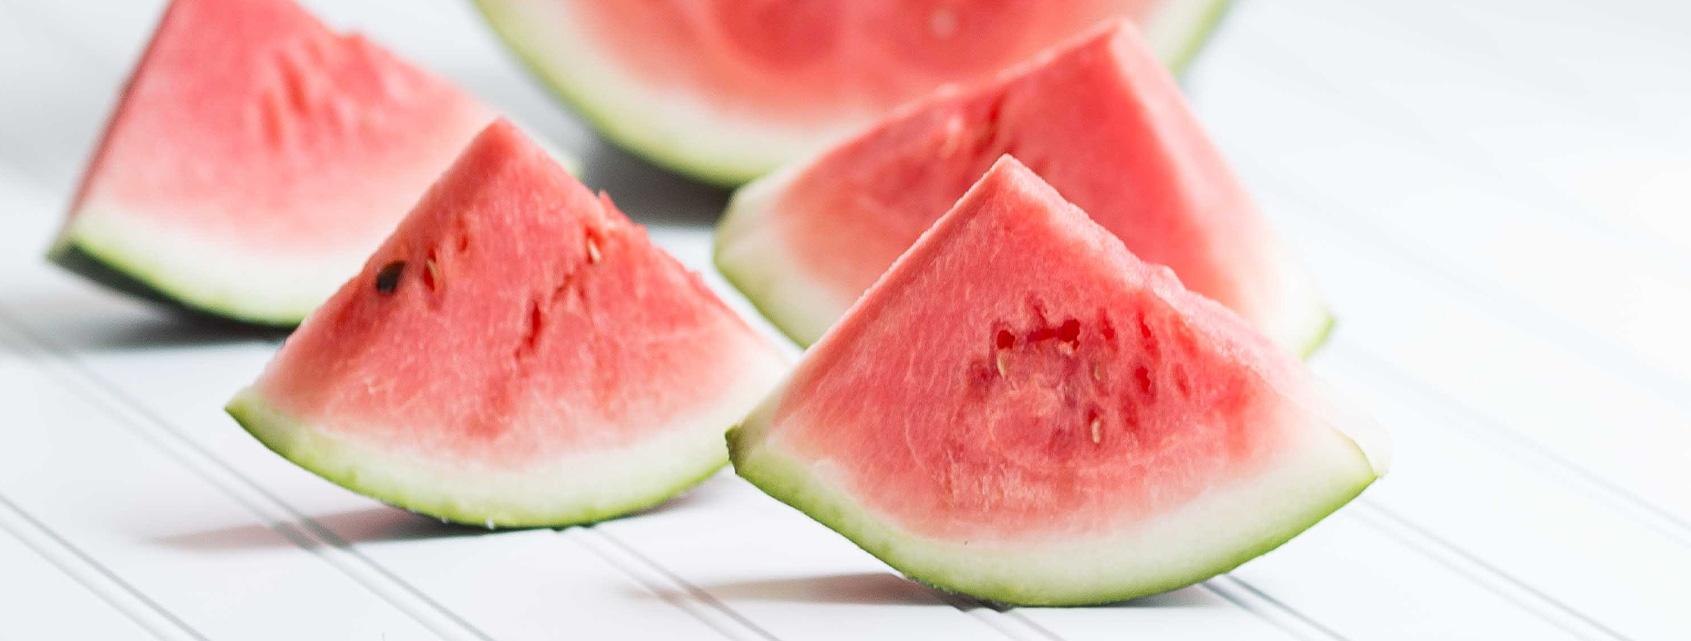 Summer_Produce_11.jpg